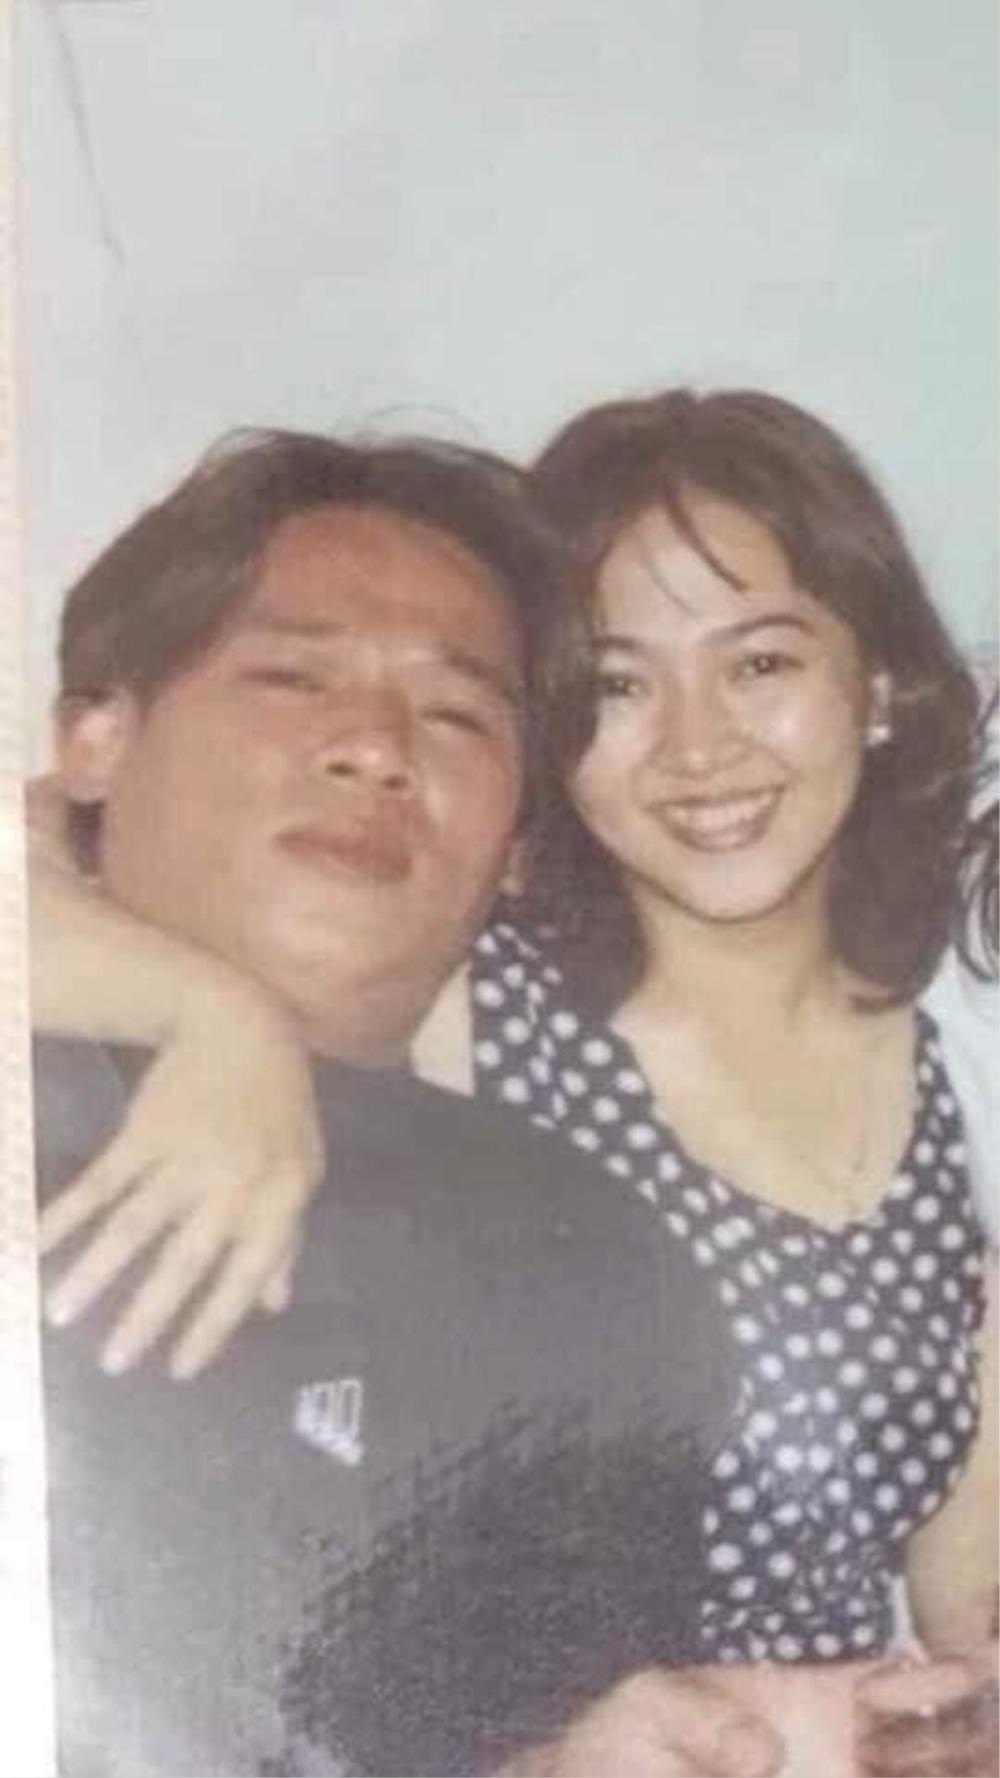 Bà Nguyễn Phương Hằng bất ngờ bị ảnh bên người đàn ông lạ thời son trẻ khiến dân tình xôn xao Ảnh 1